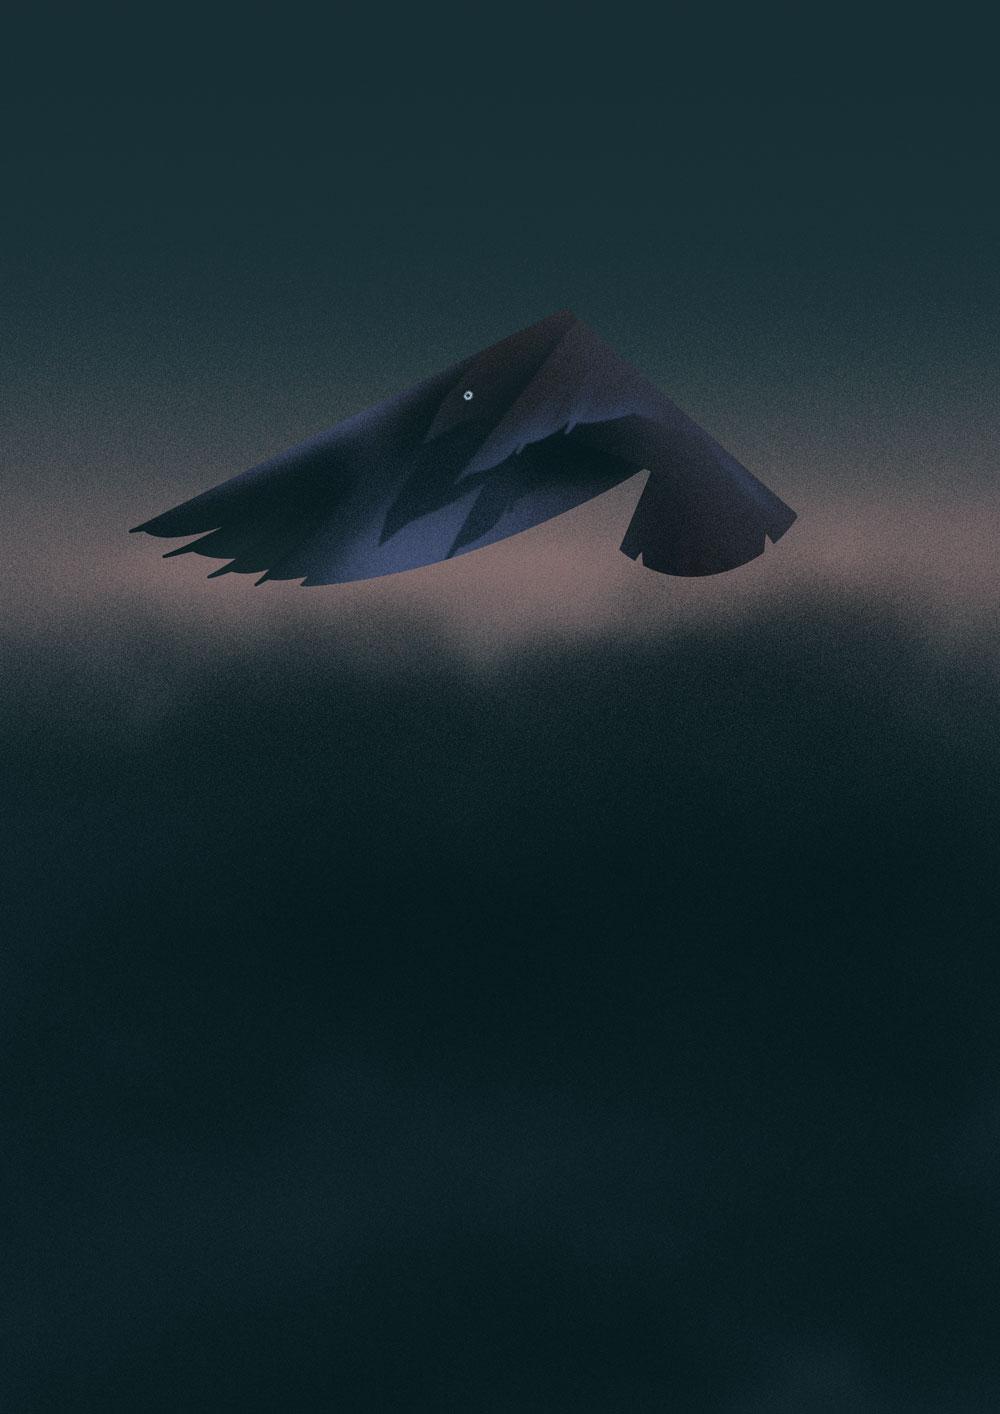 Stark abstrahierte Darstellung eines Buchfinks